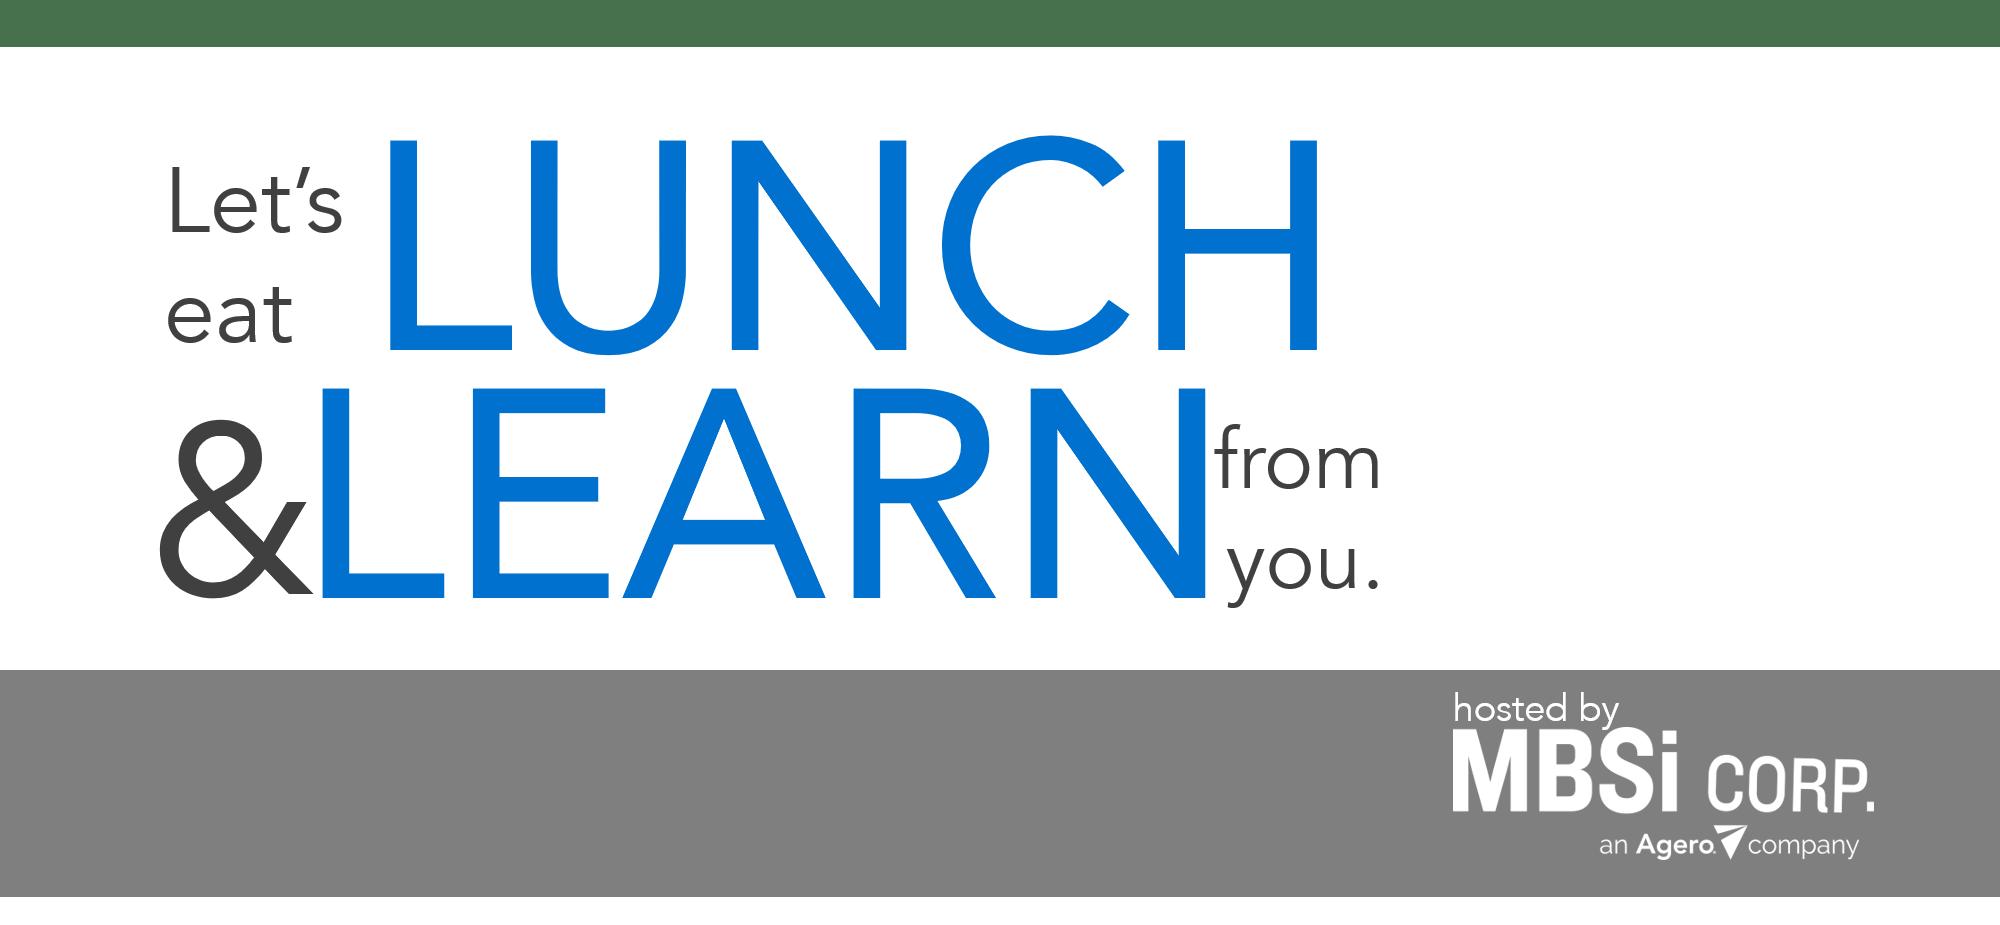 MBSi's Phoenix Lunch & Learn